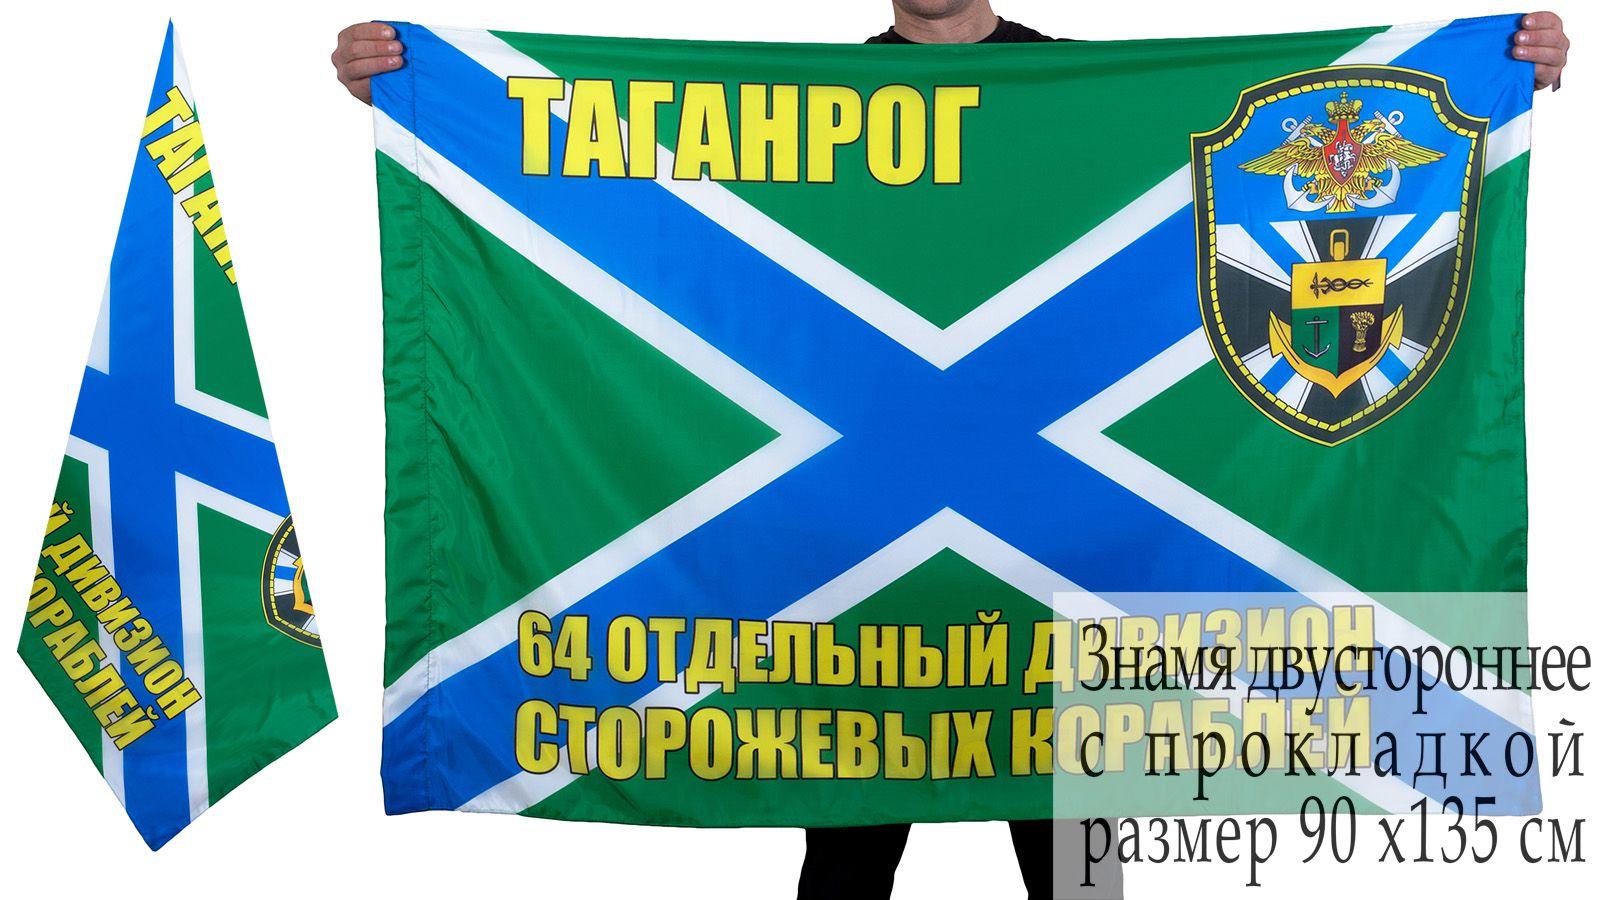 Флаг 64-го дивизиона ПСКР Таганрог